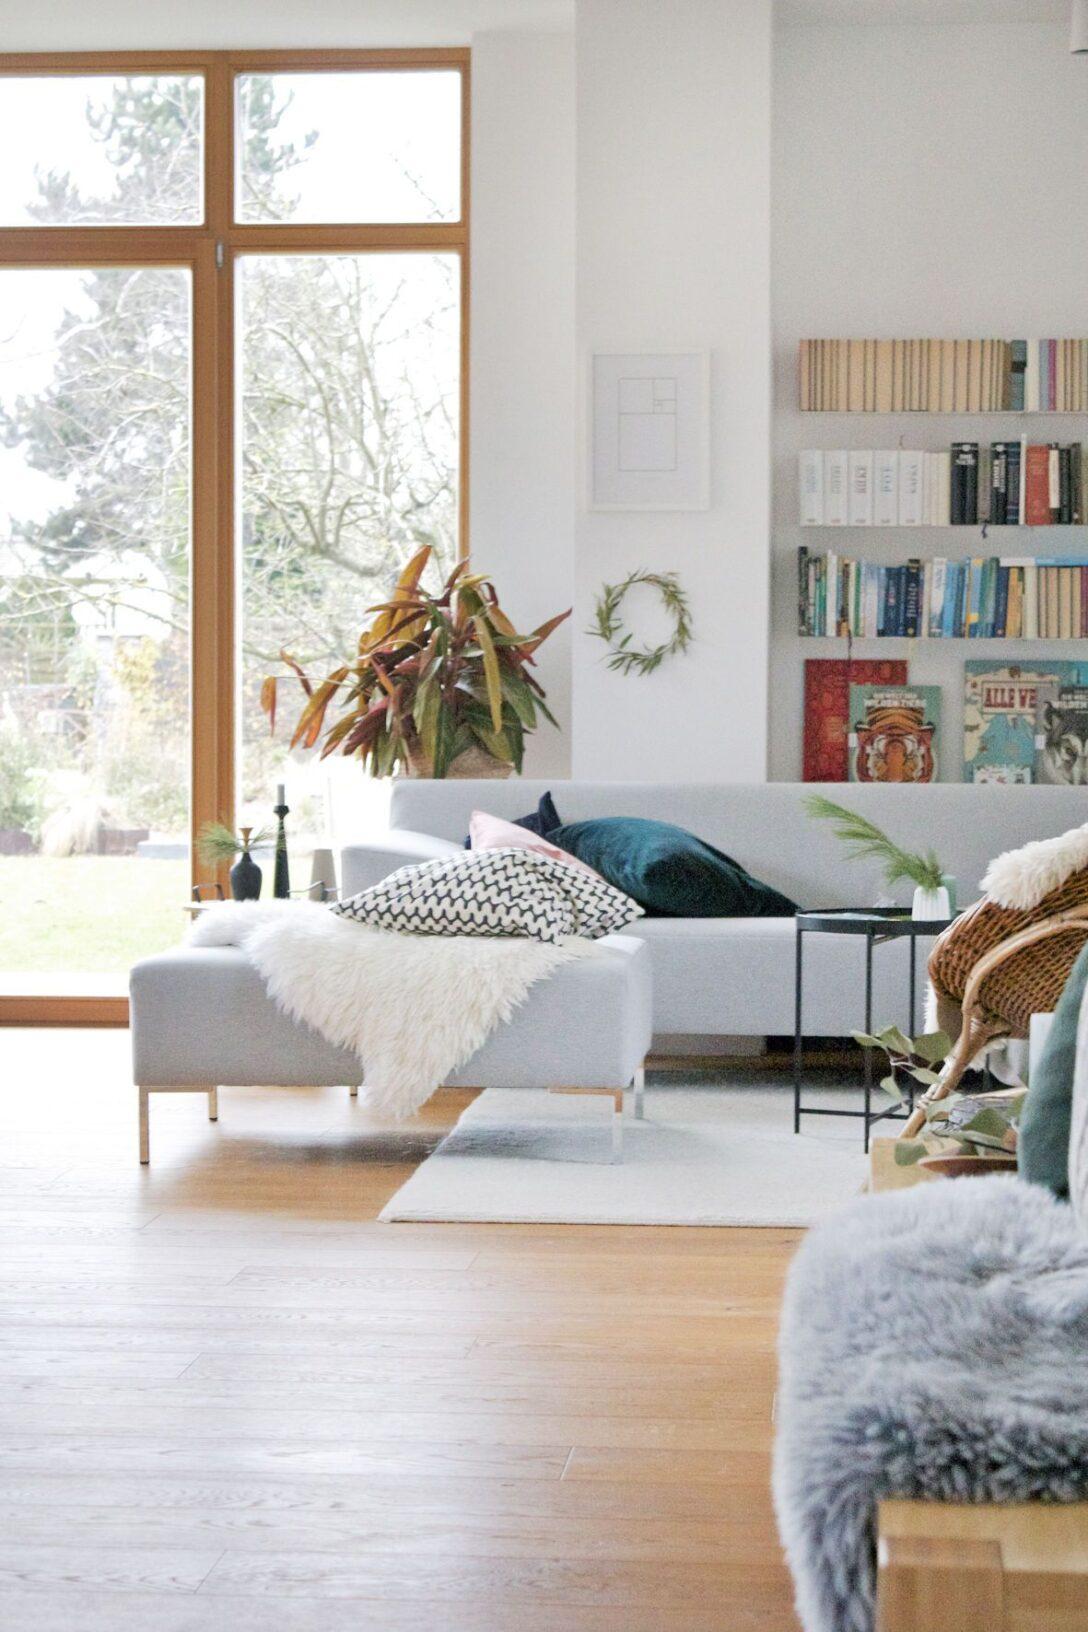 Large Size of Graues Sofa Gelbe Kissen Beiger Teppich Kissenfarbe Kleines Ikea Graue Couch Welche Wandfarbe Blauer Farbe Sofas Ideen Fr Dein Wohnzimmer Polyrattan Sofa Graues Sofa